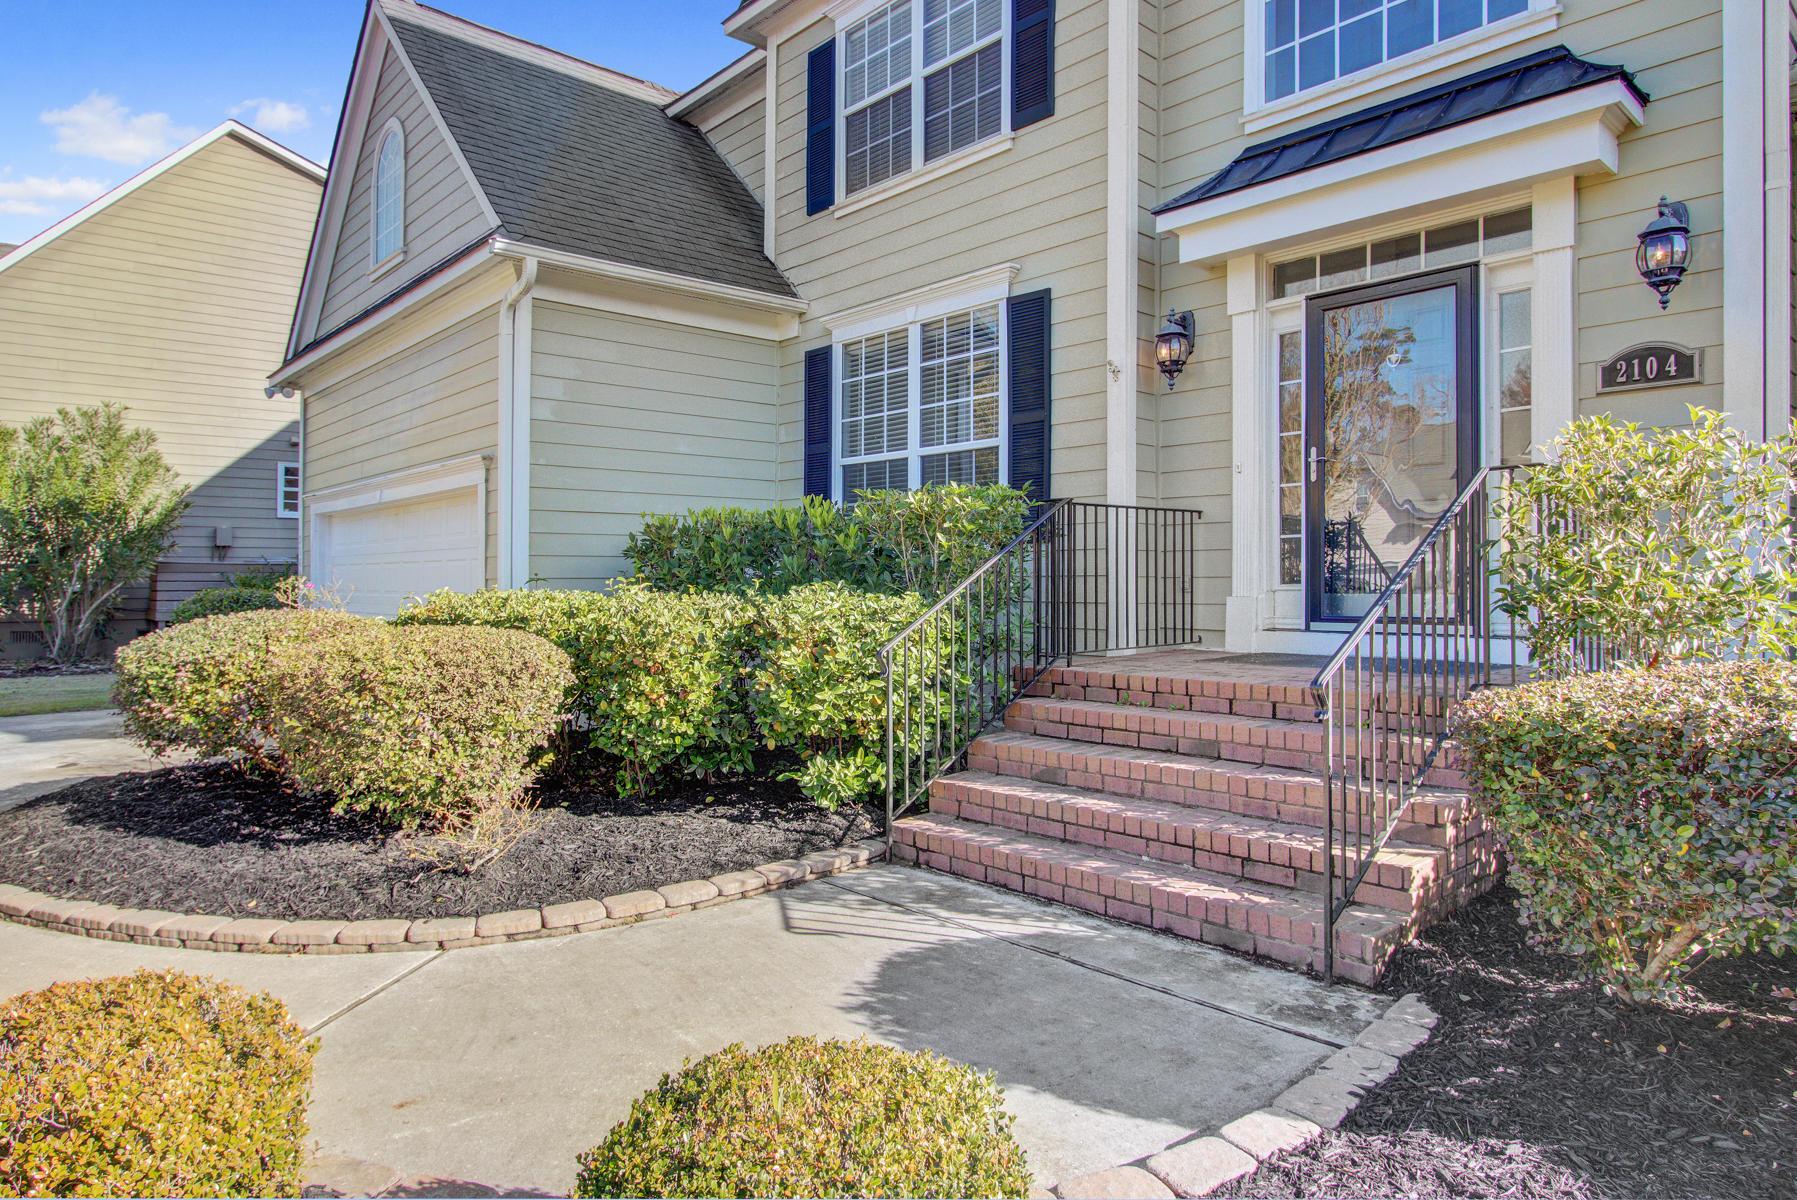 Dunes West Homes For Sale - 2104 Short Grass, Mount Pleasant, SC - 8